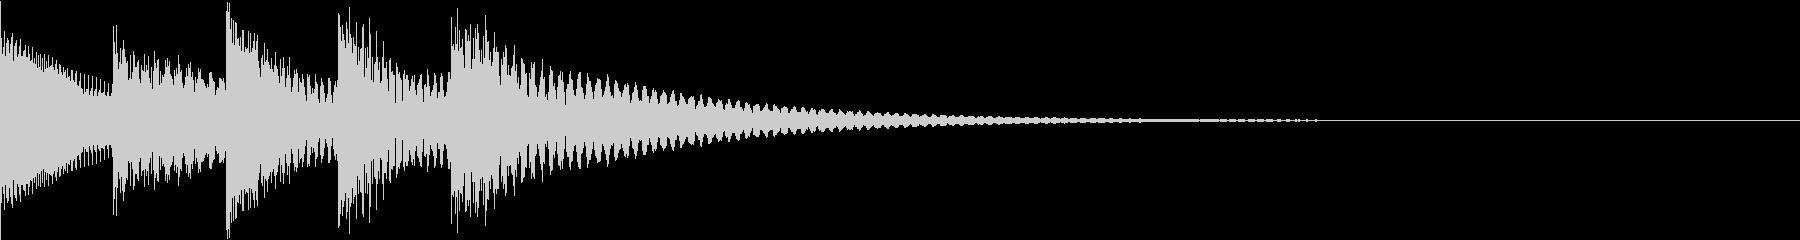 シンプルベル お知らせ ハテナ ? 19の未再生の波形